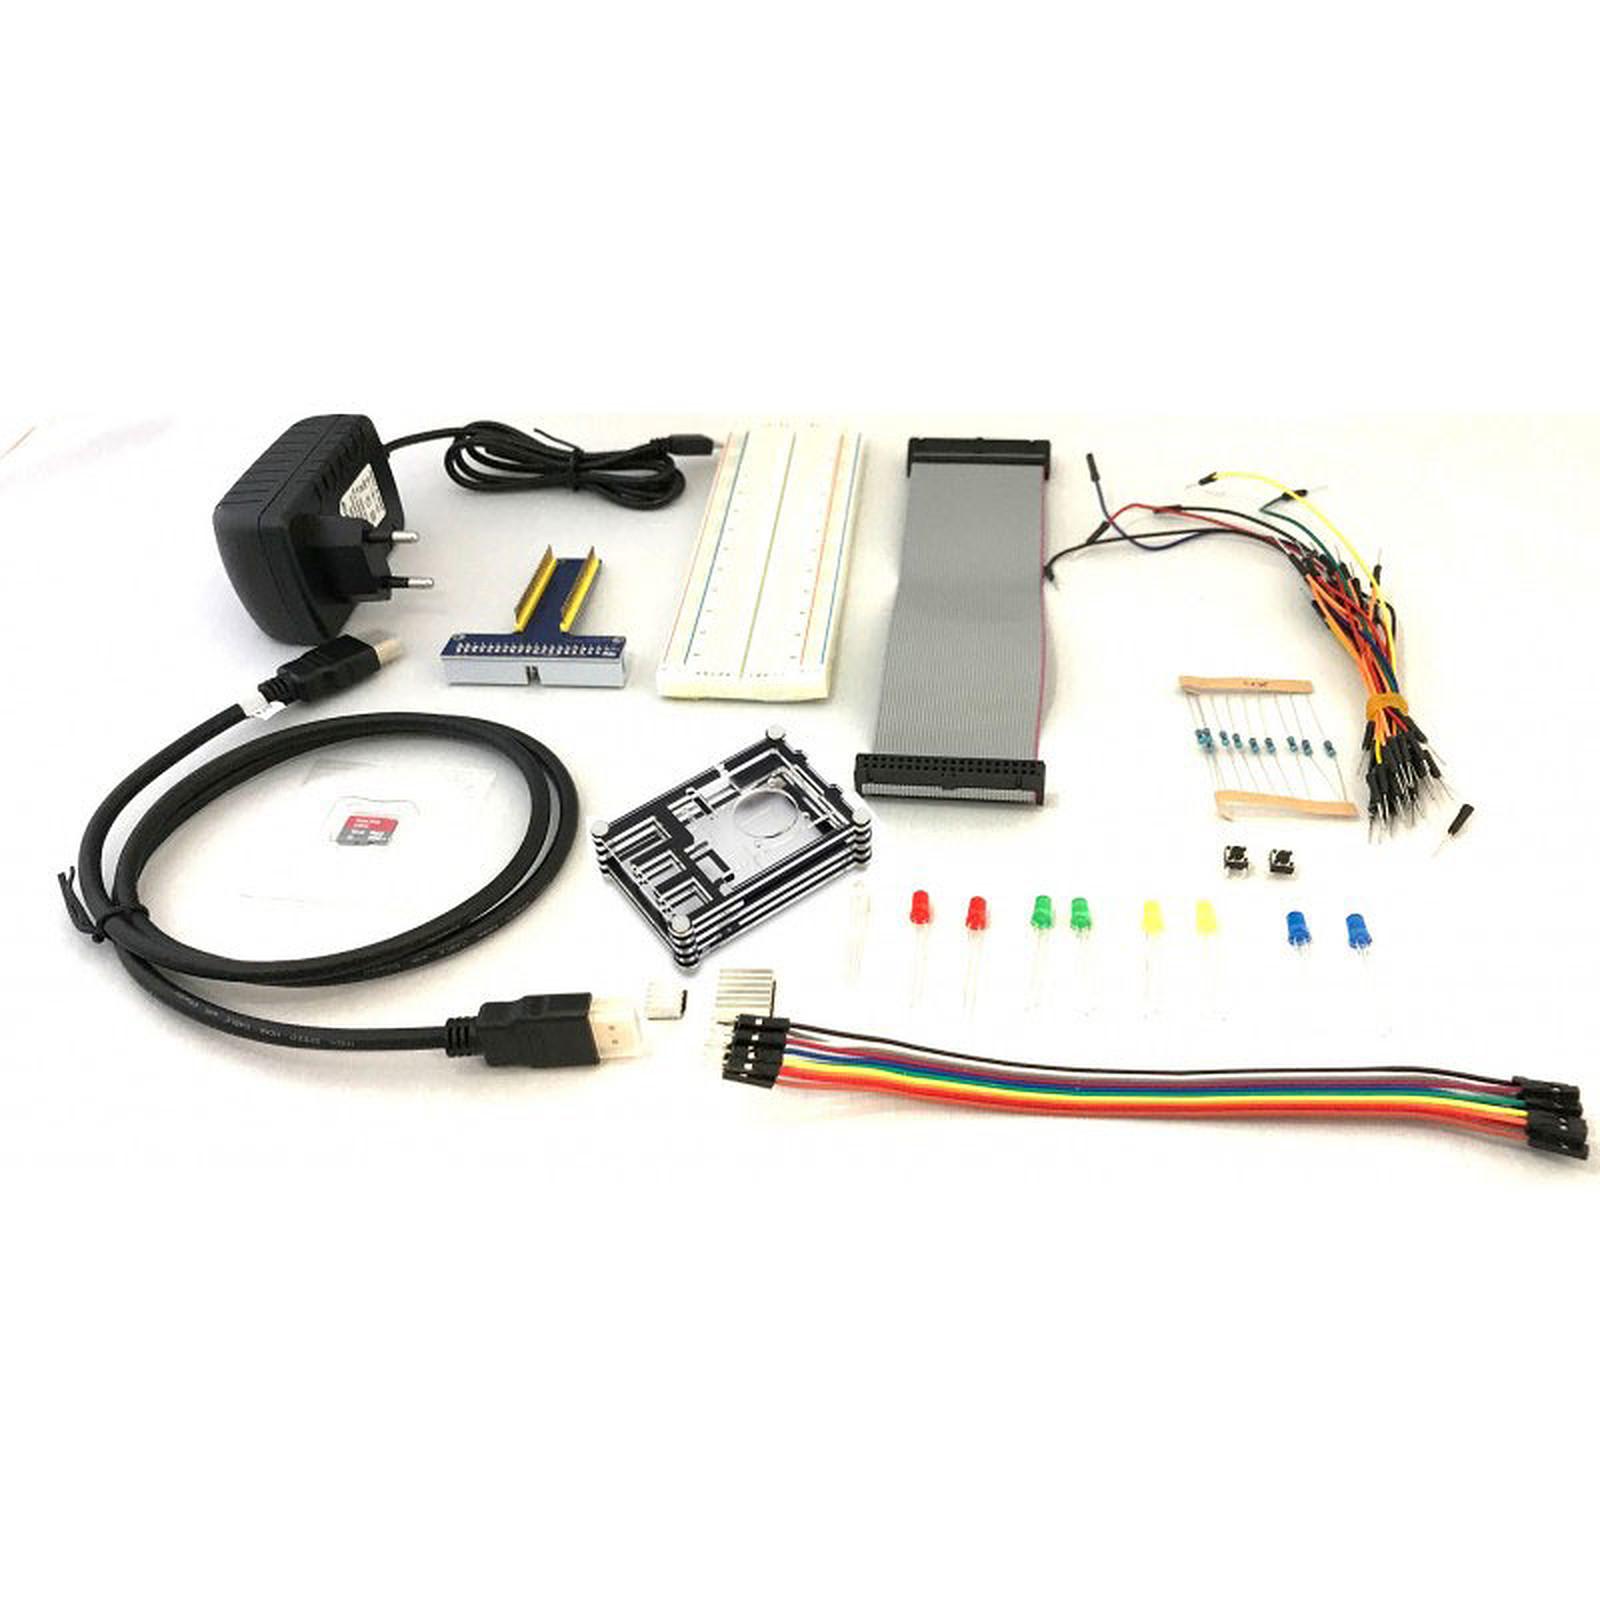 Kit prototypage pour Raspberry Pi